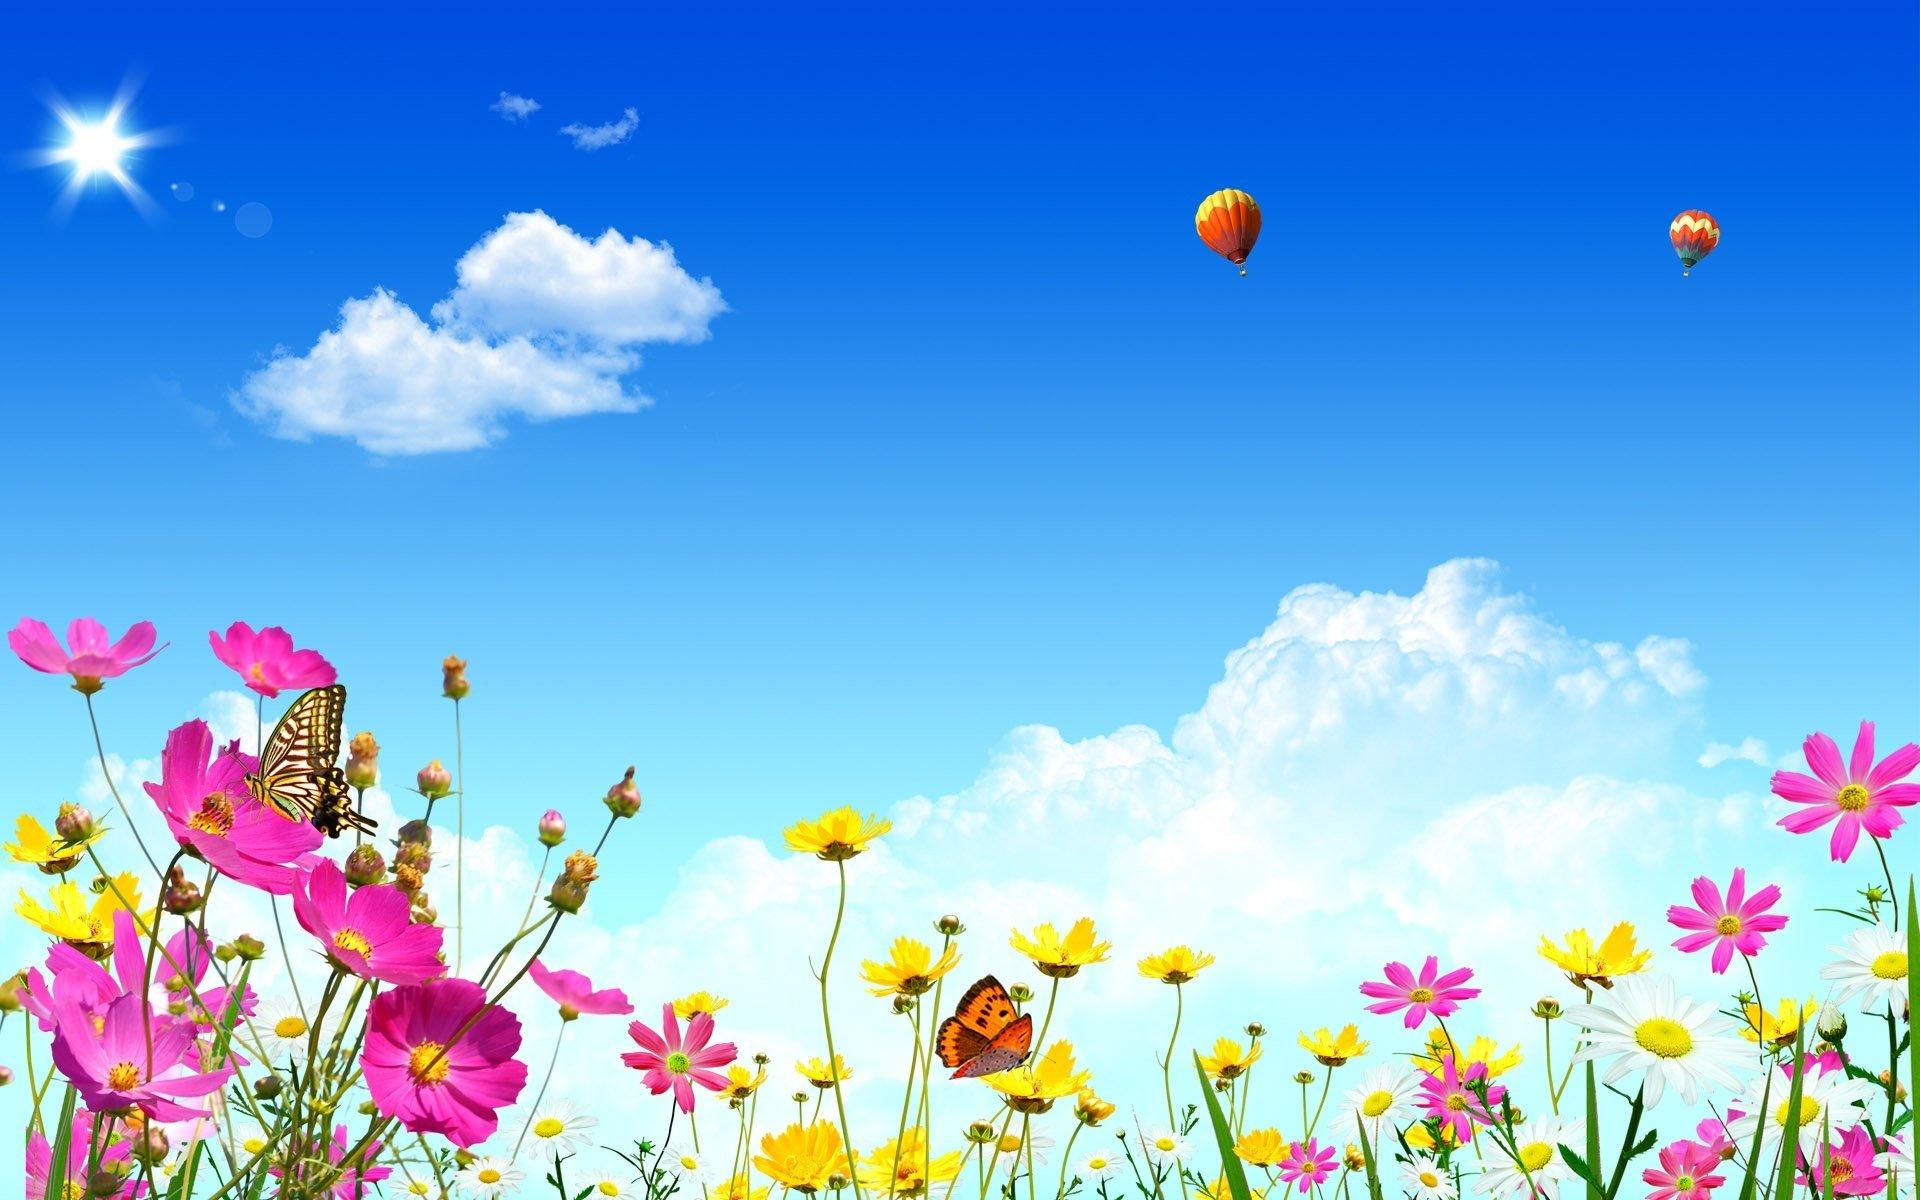 полевые цветы небо облака скачать